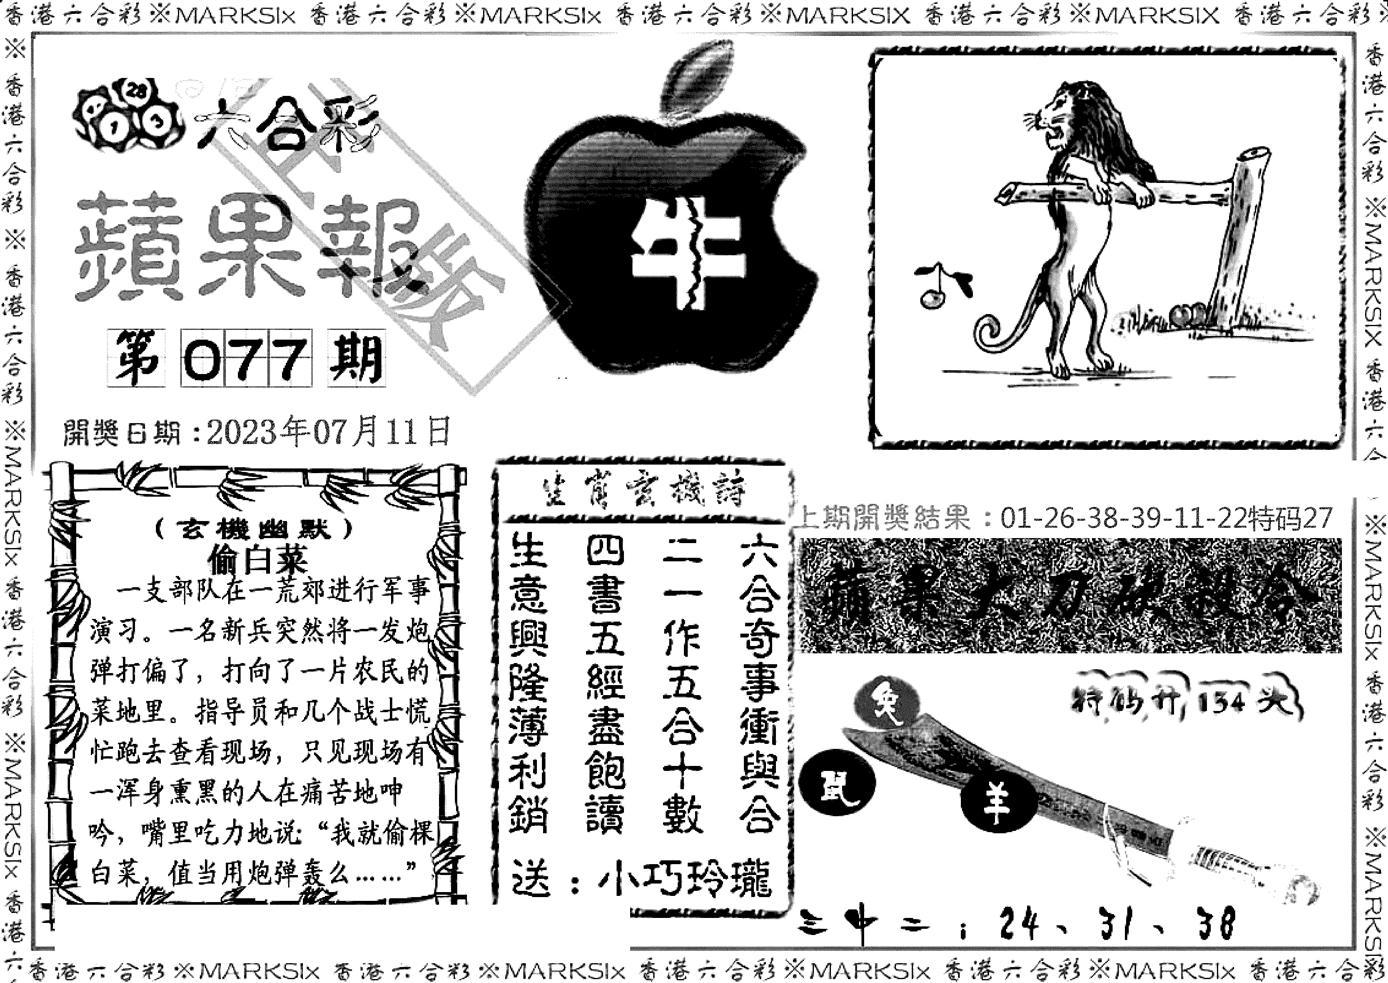 077期六合三合皇(黑白)